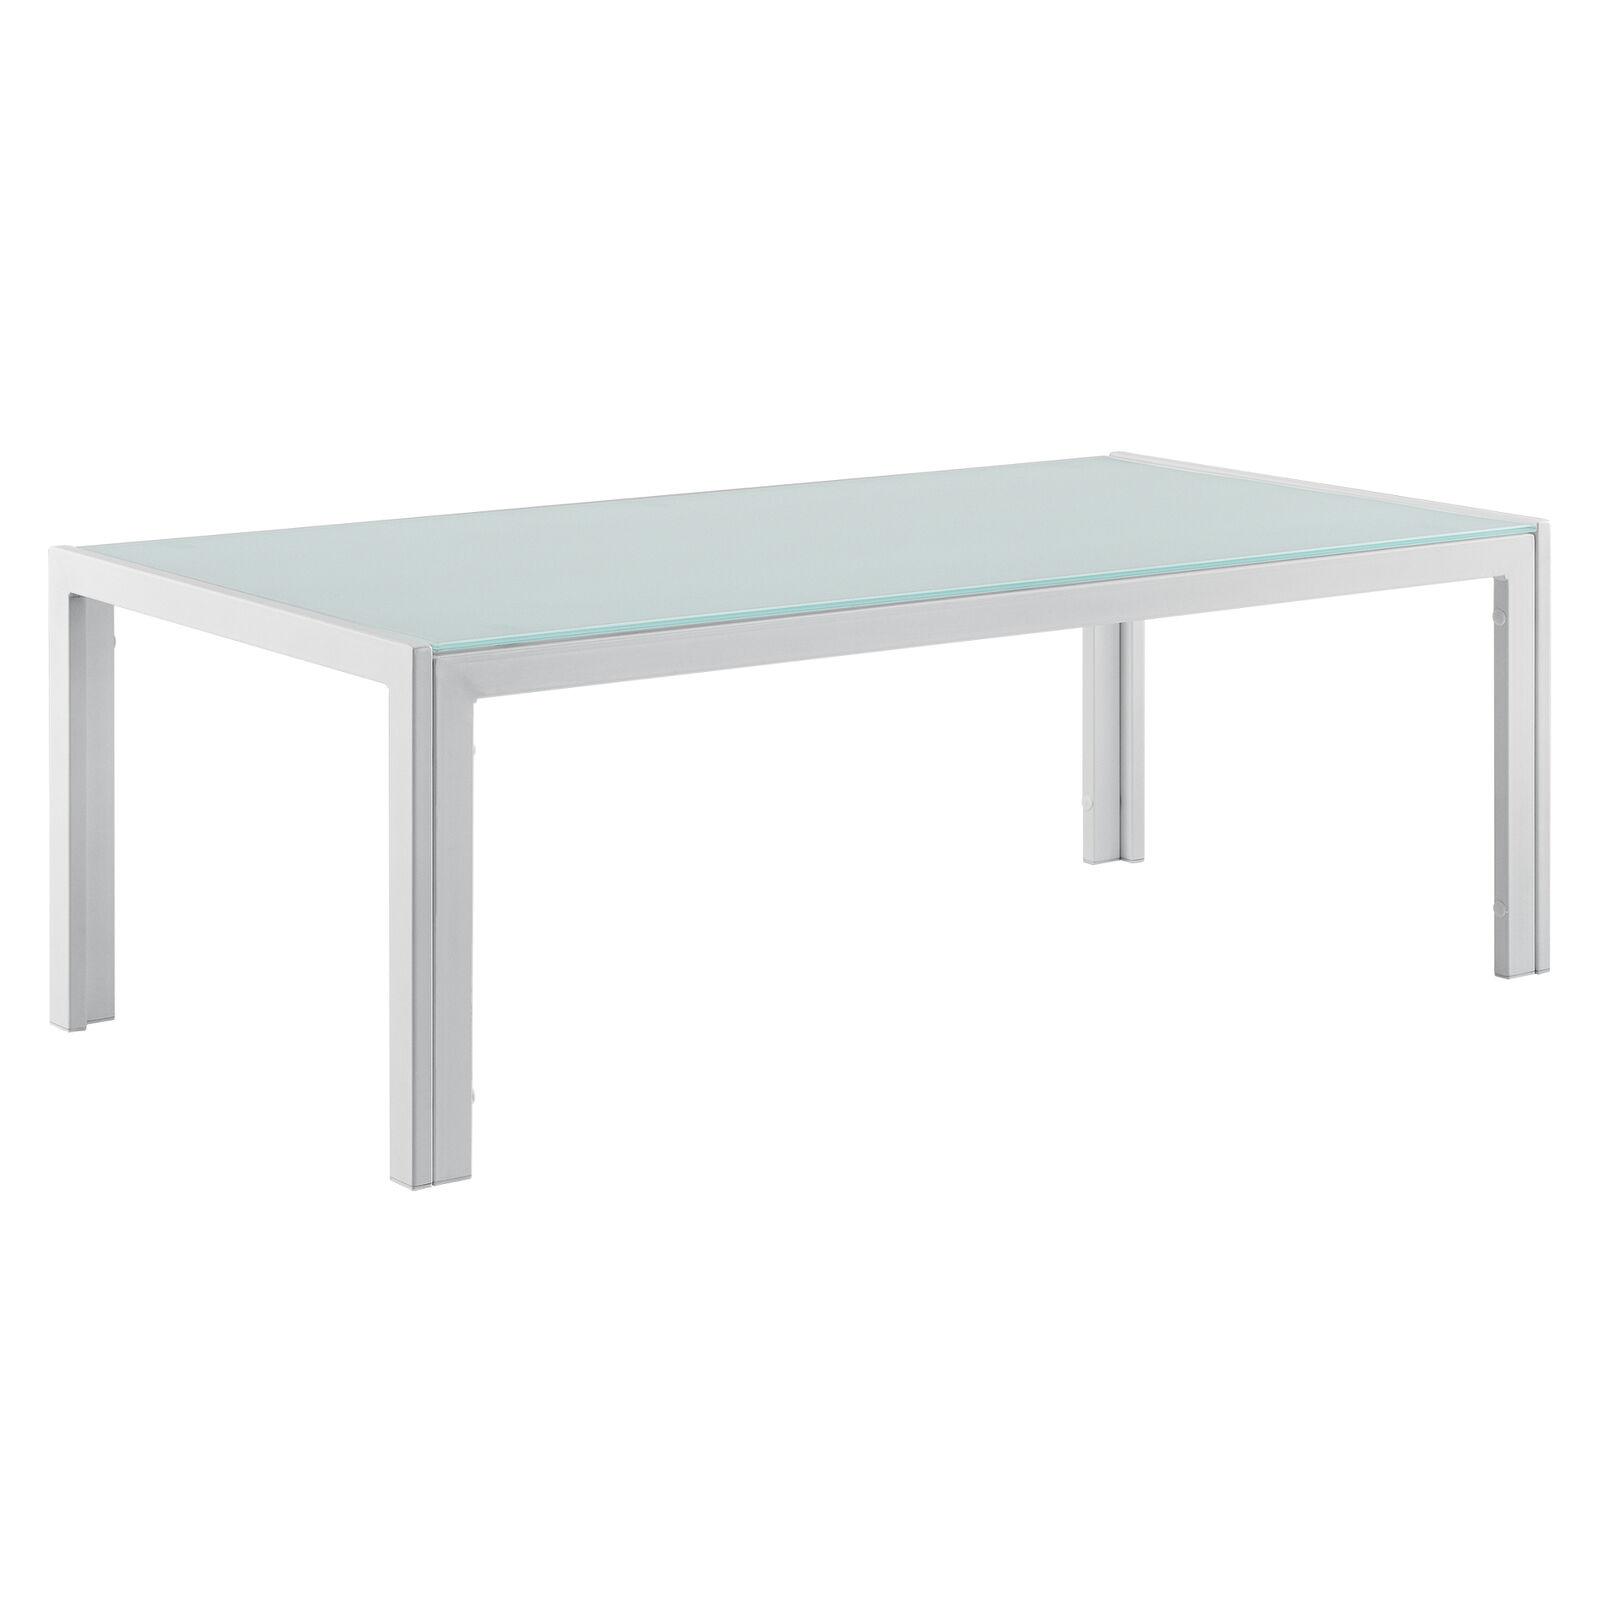 [CASA. Pro] ® tavolo da giardino 100x50x35 cm BIANCO VETRO TAVOLO TAVOLINO GIARDINO OUTDOOR